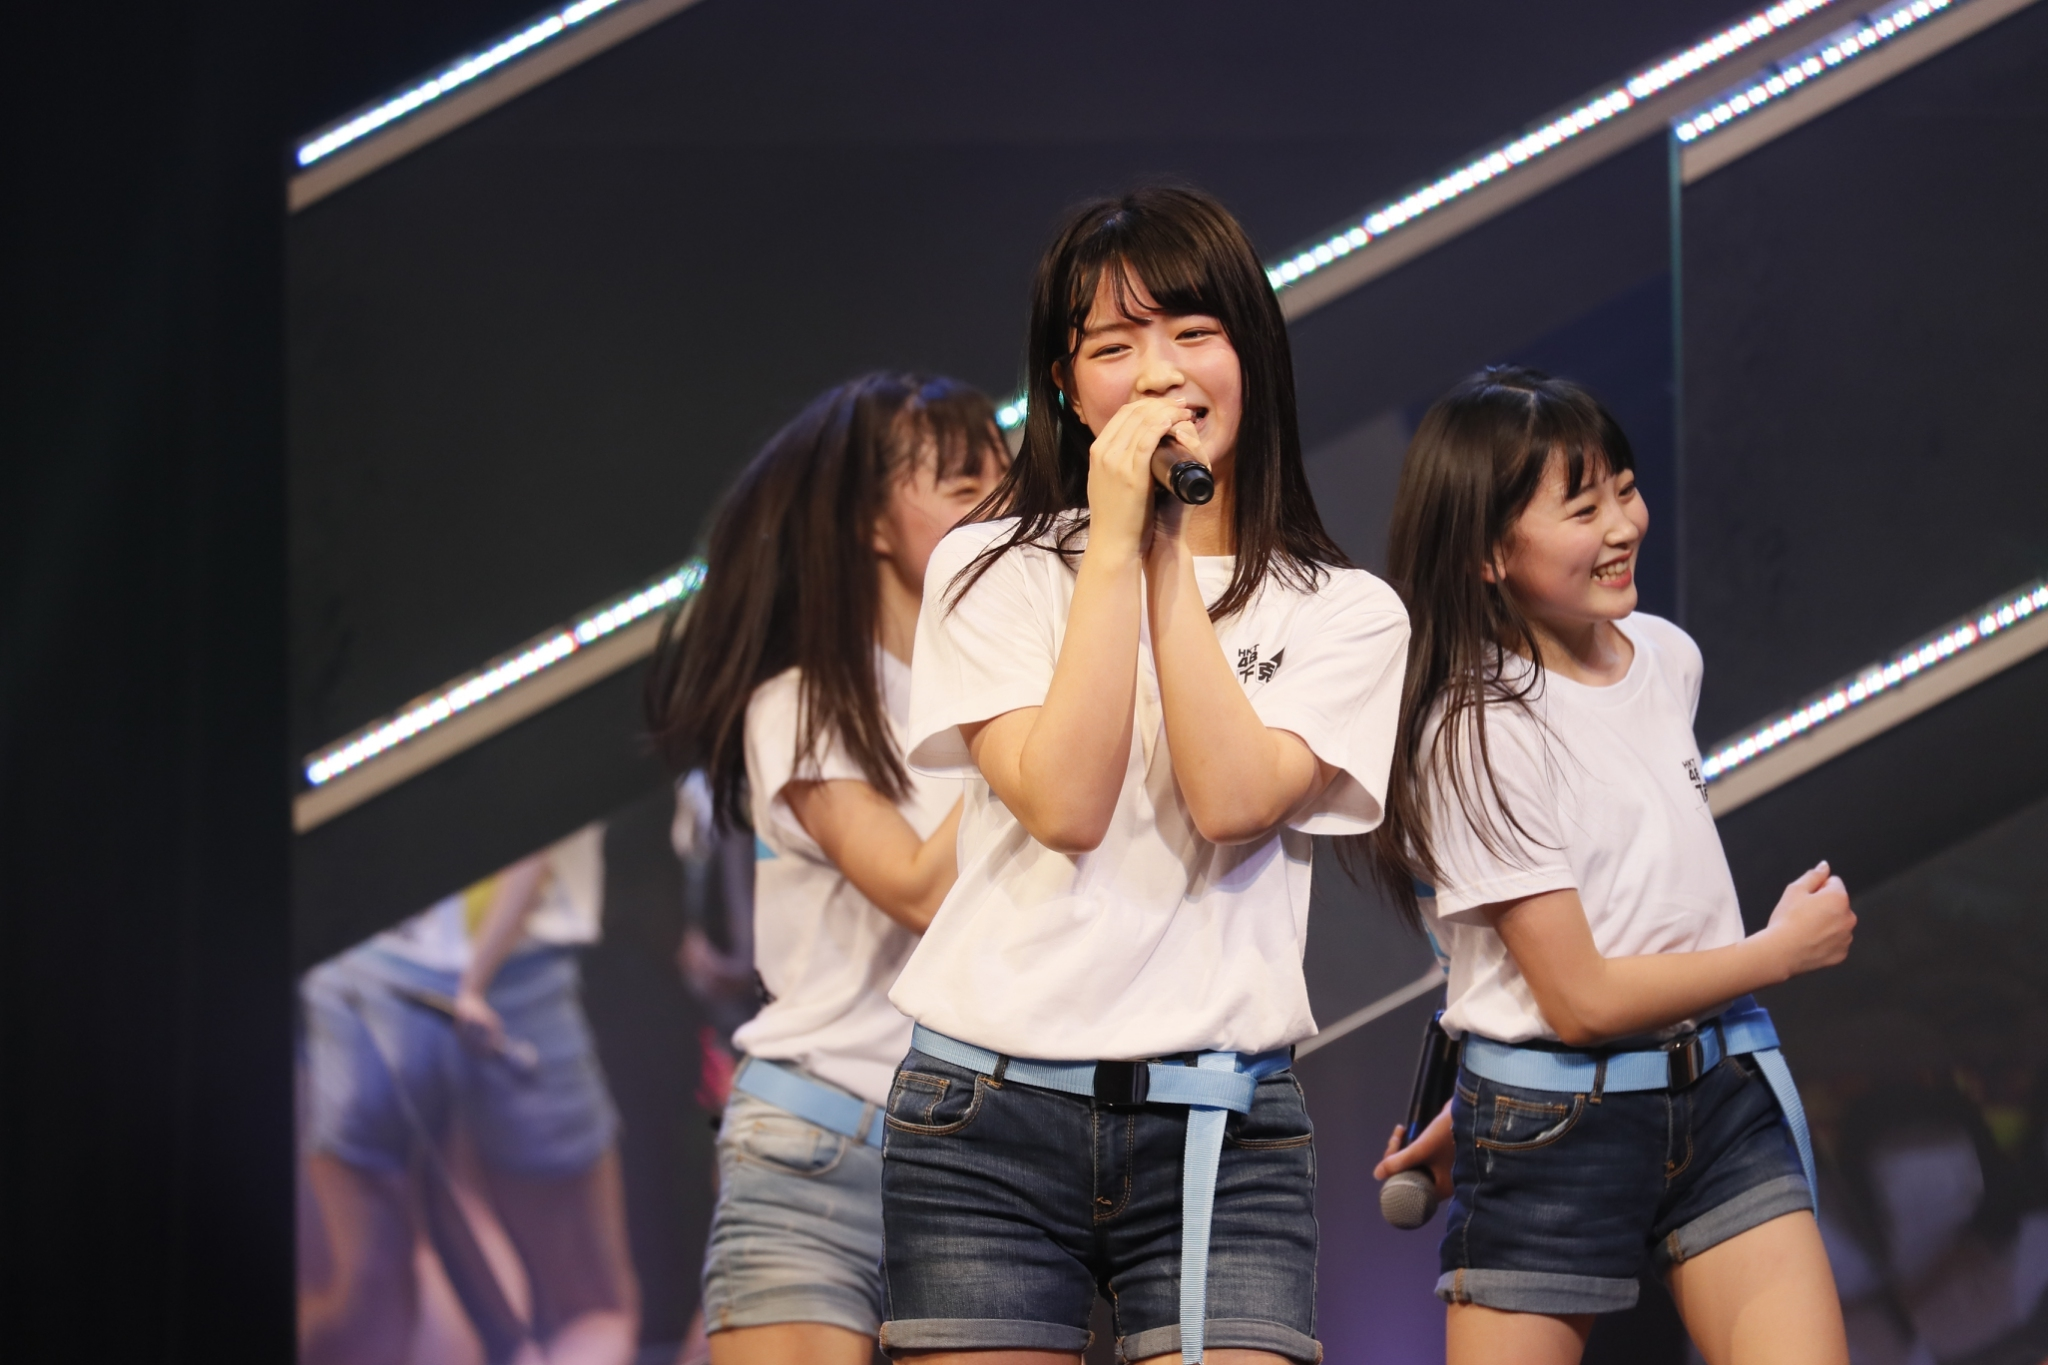 4月10日発売のHKT48の12枚目シングルの選抜メンバーに大抜擢された水上凜巳花